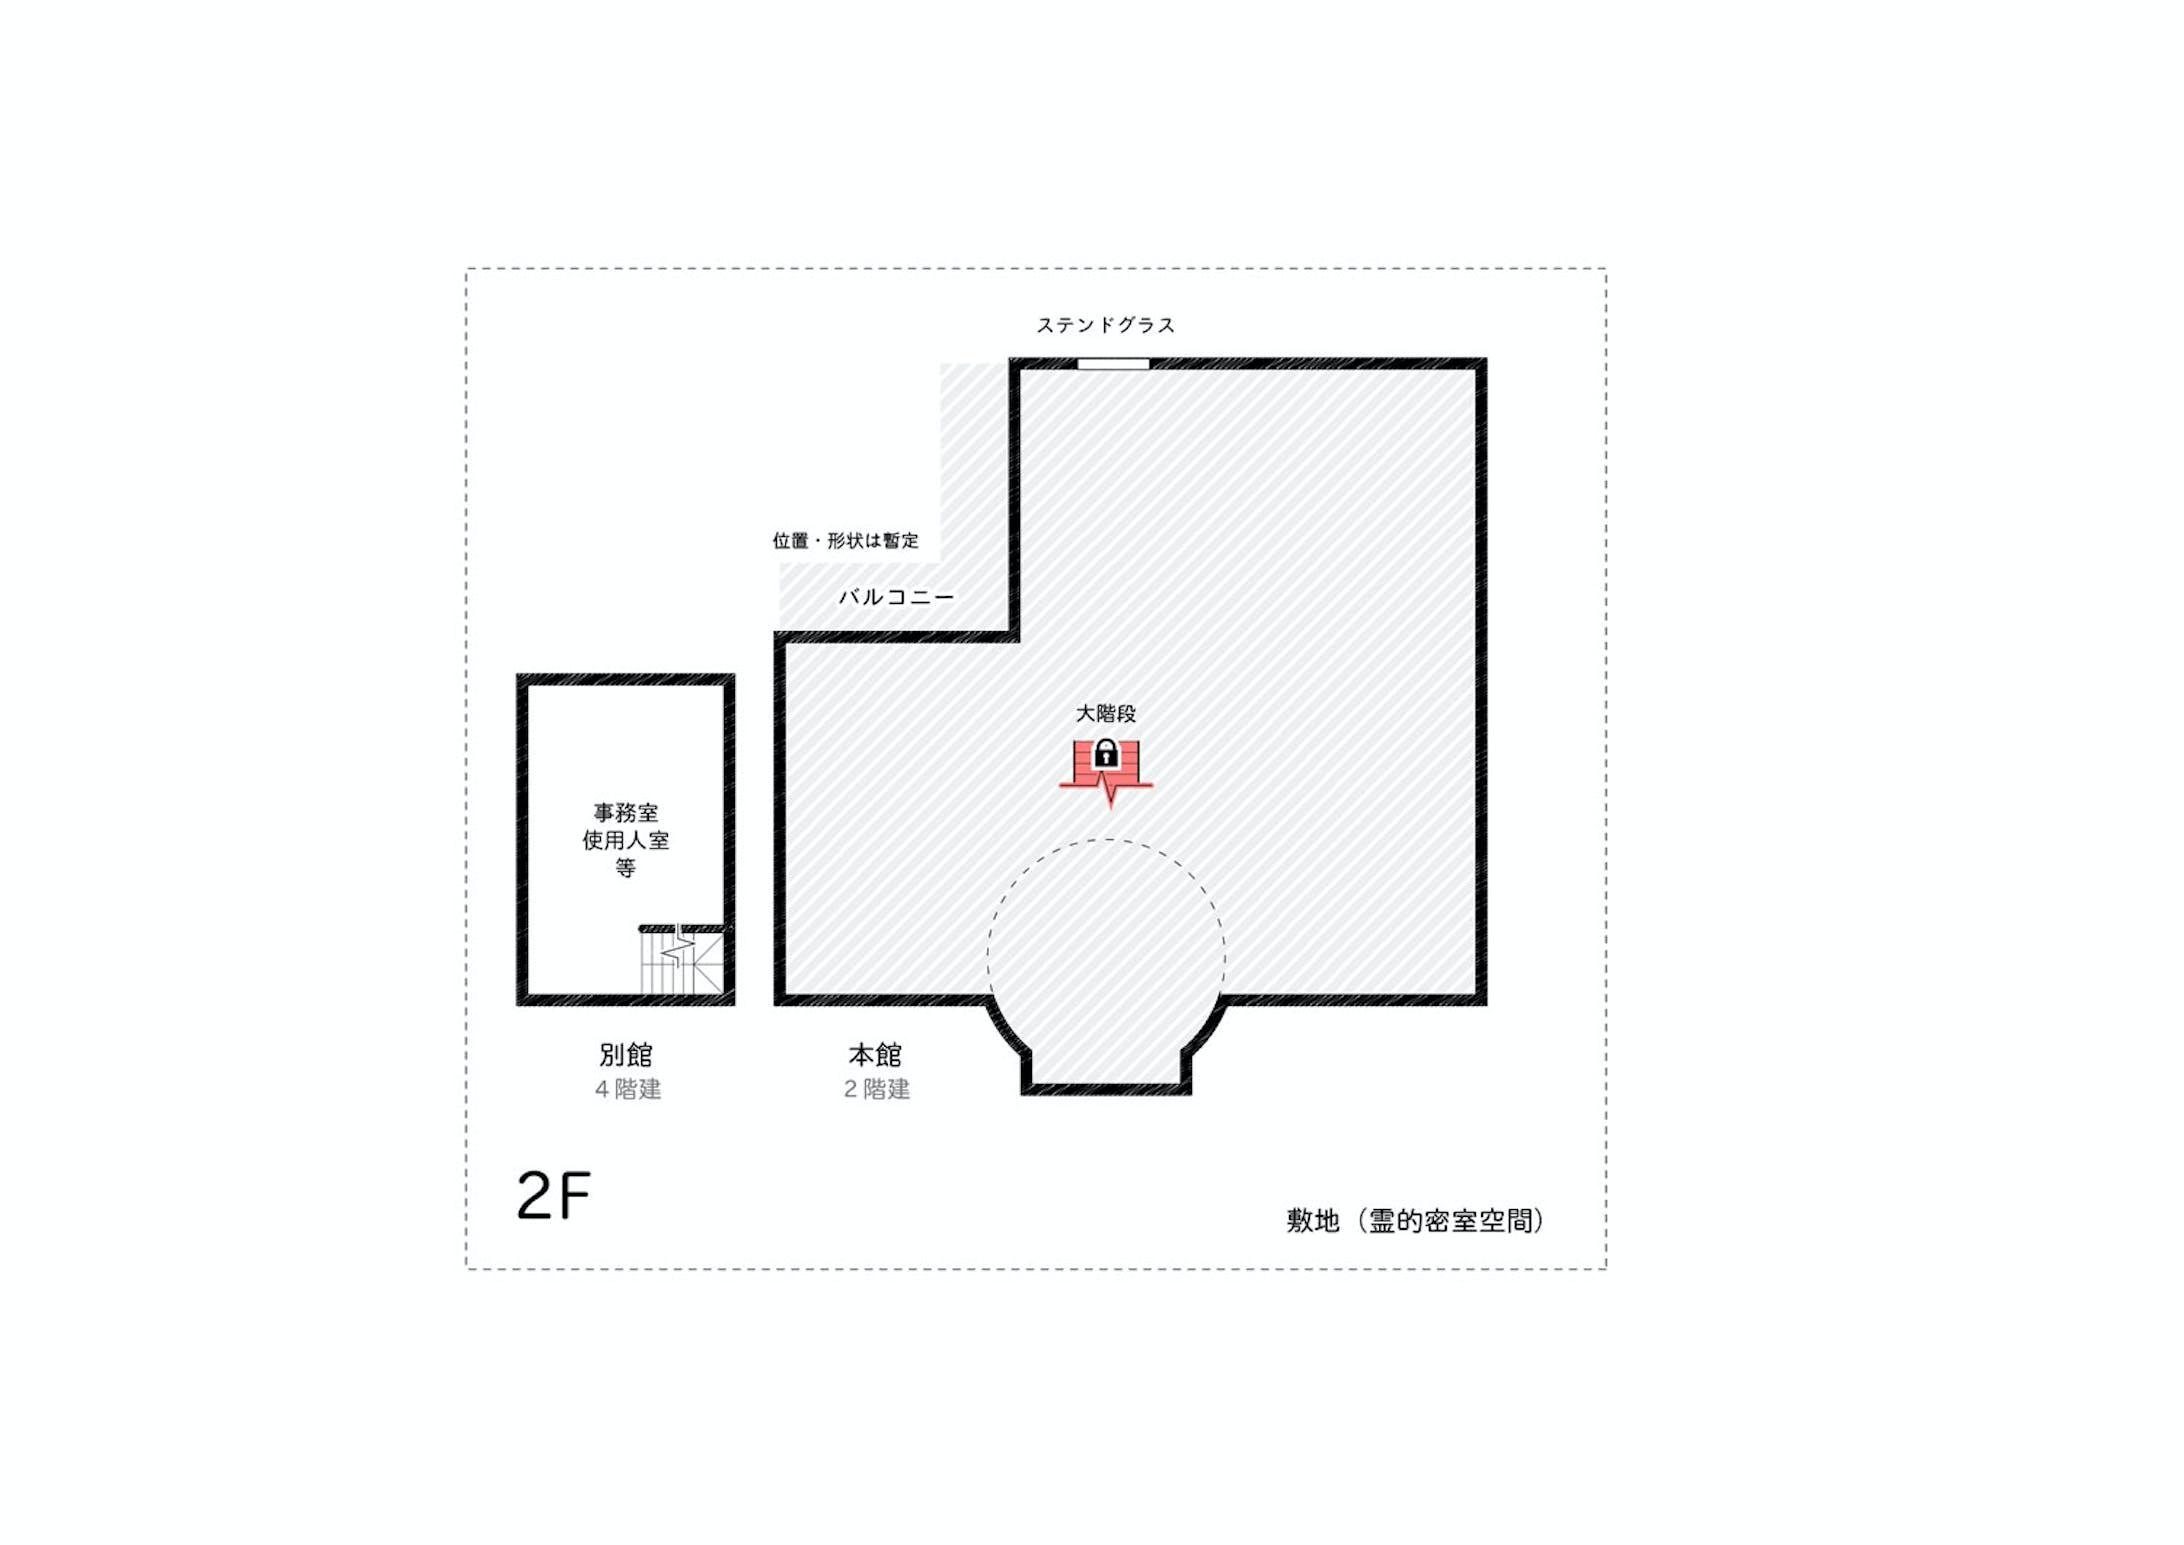 マップ・間取り図-5